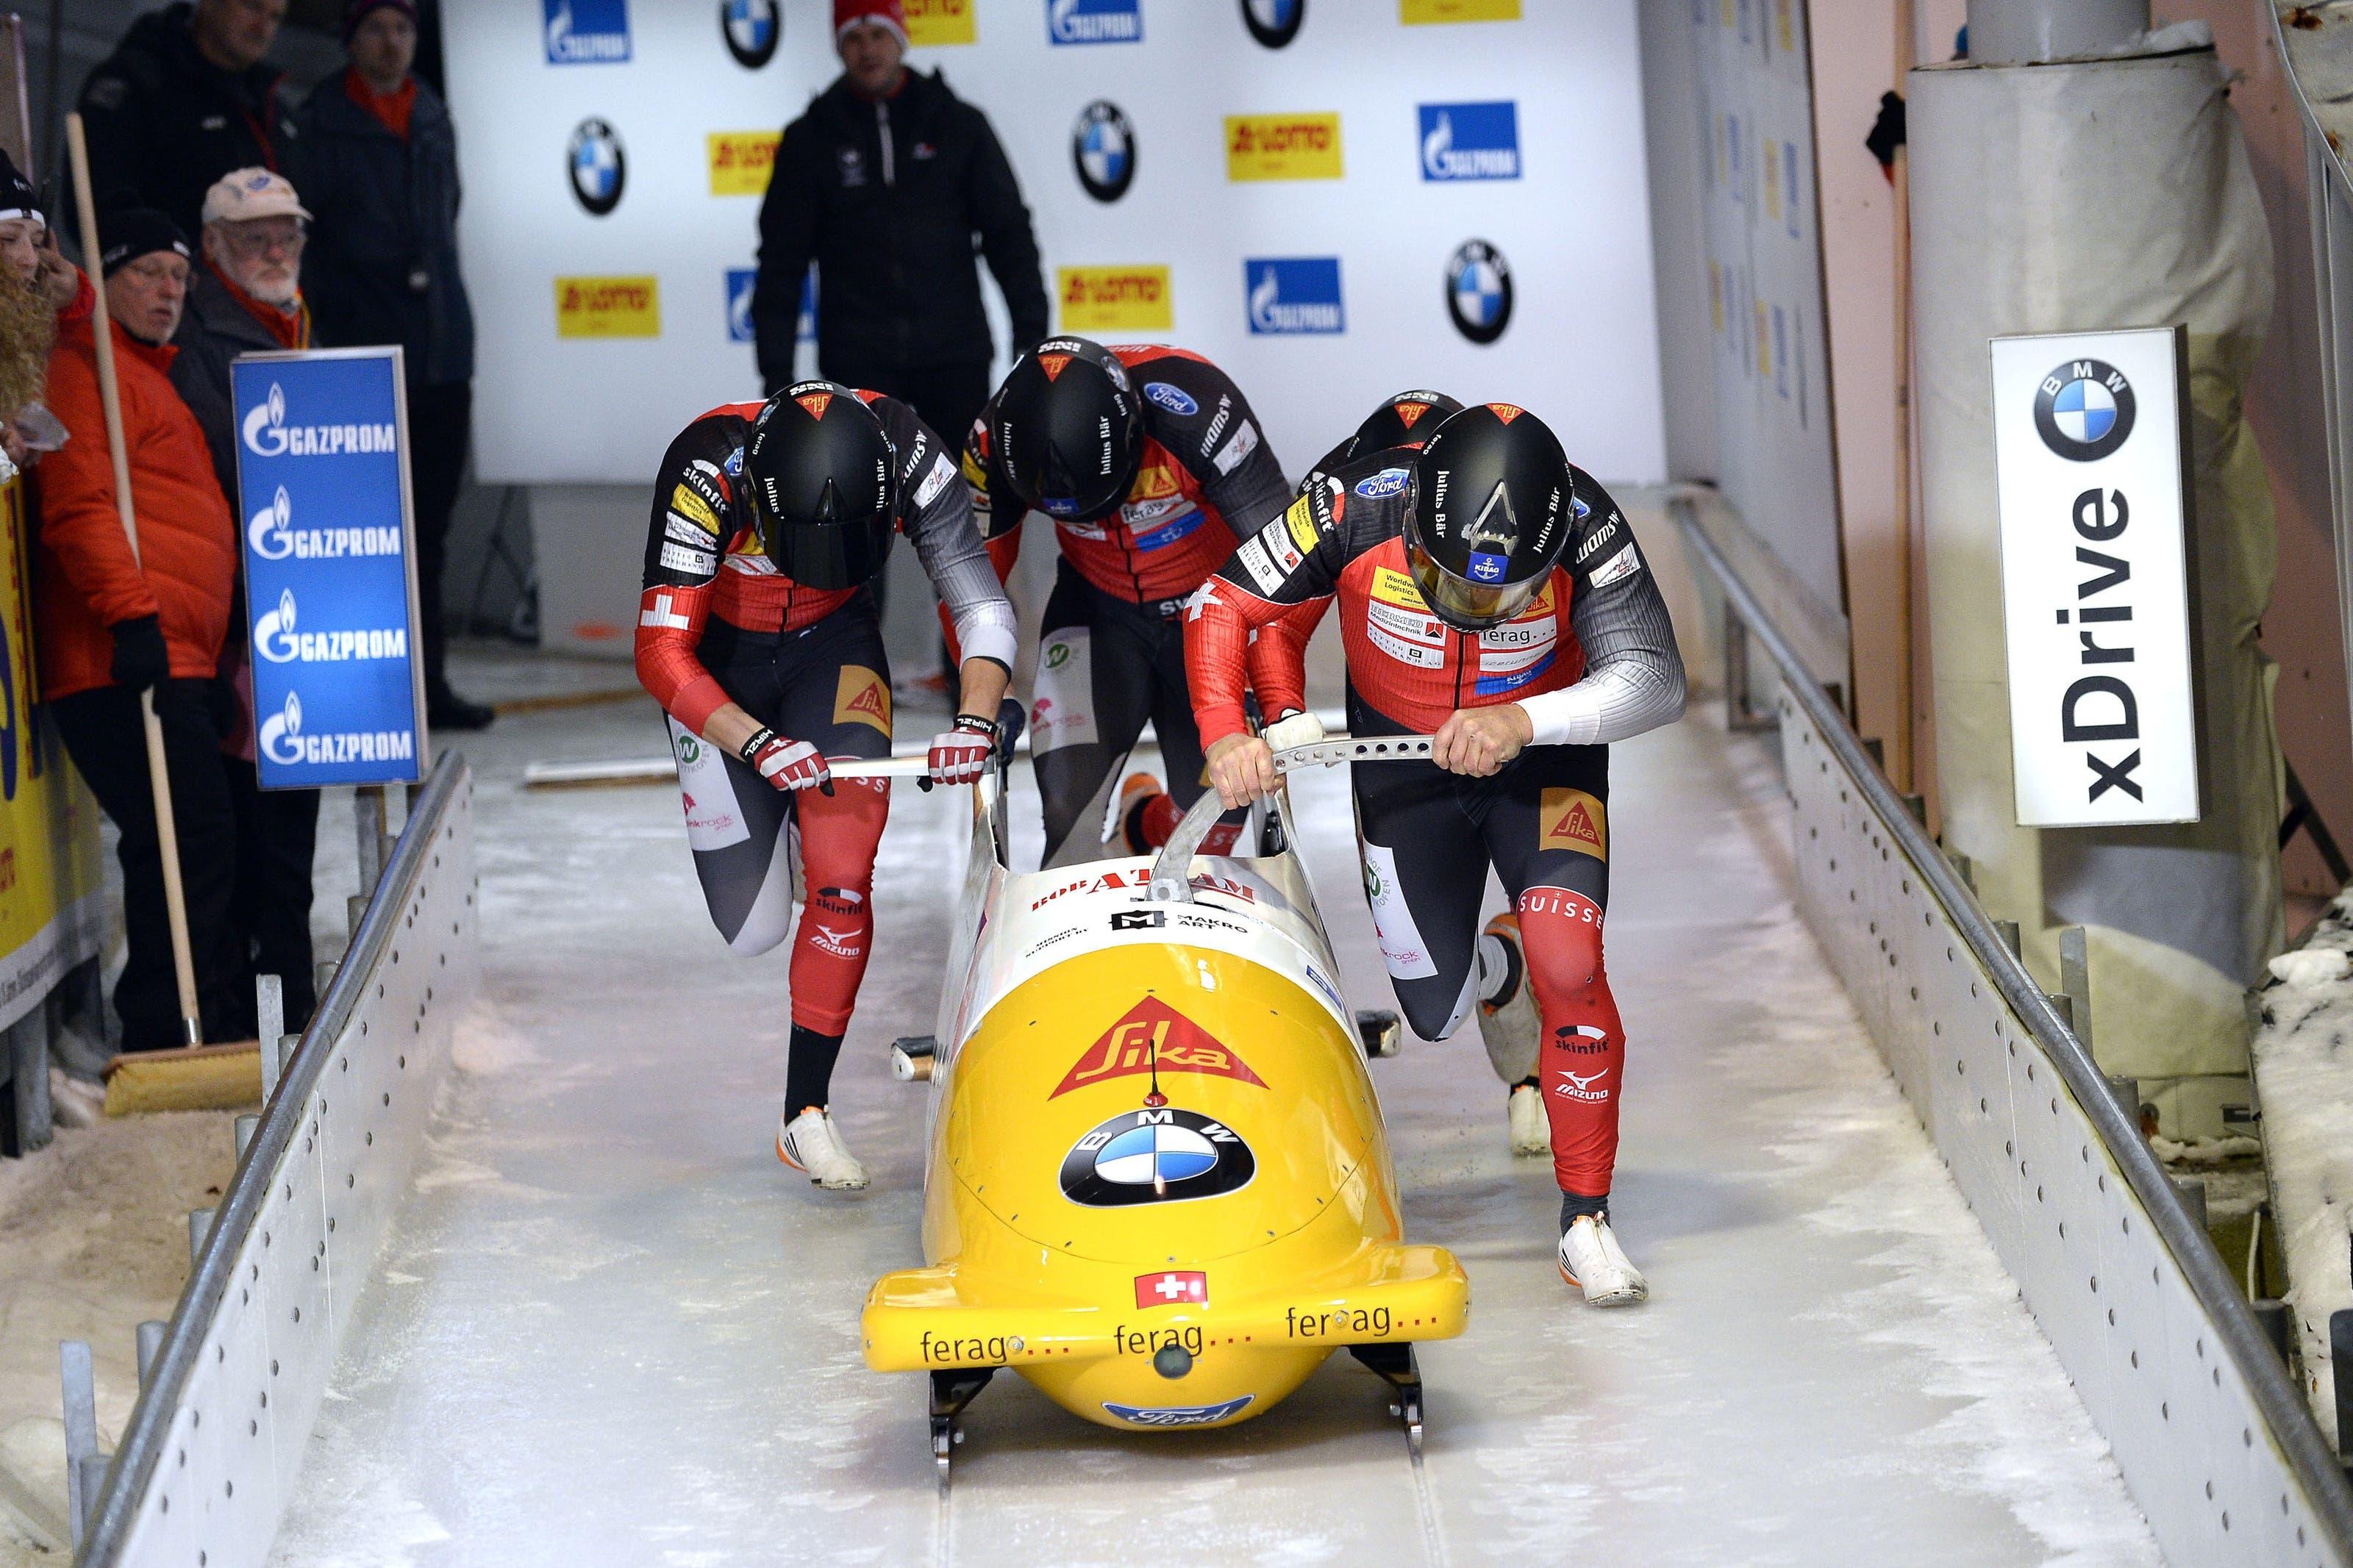 Roger Leimgruber (l.) fuhr kürzlich in Königssee (D) seinen ersten Weltcup.